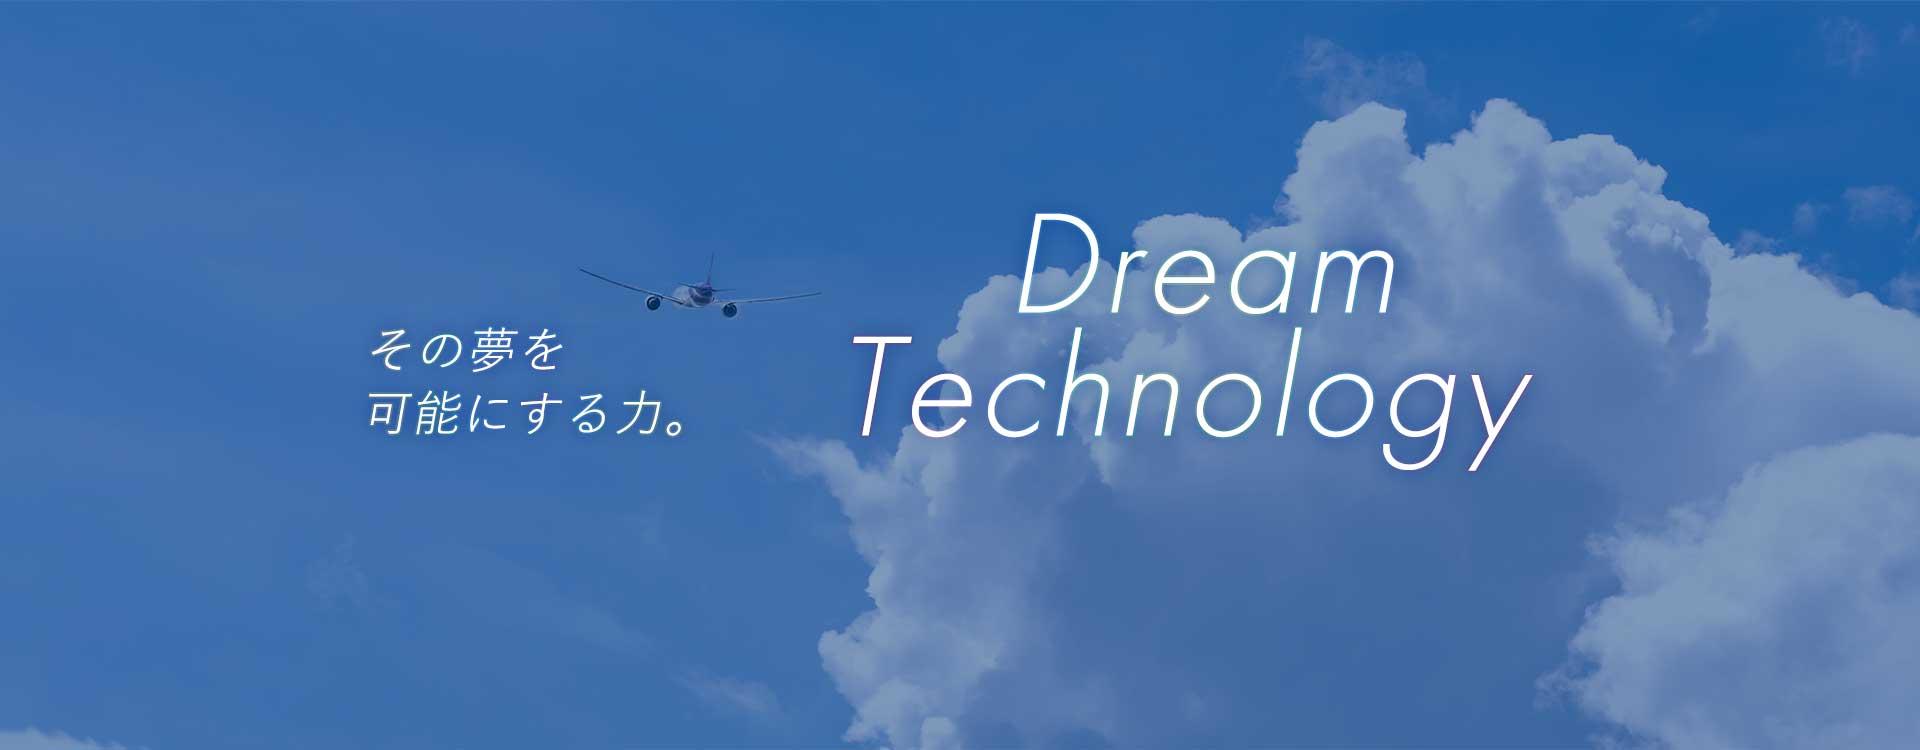 その夢を可能にする力。DreamTechnology